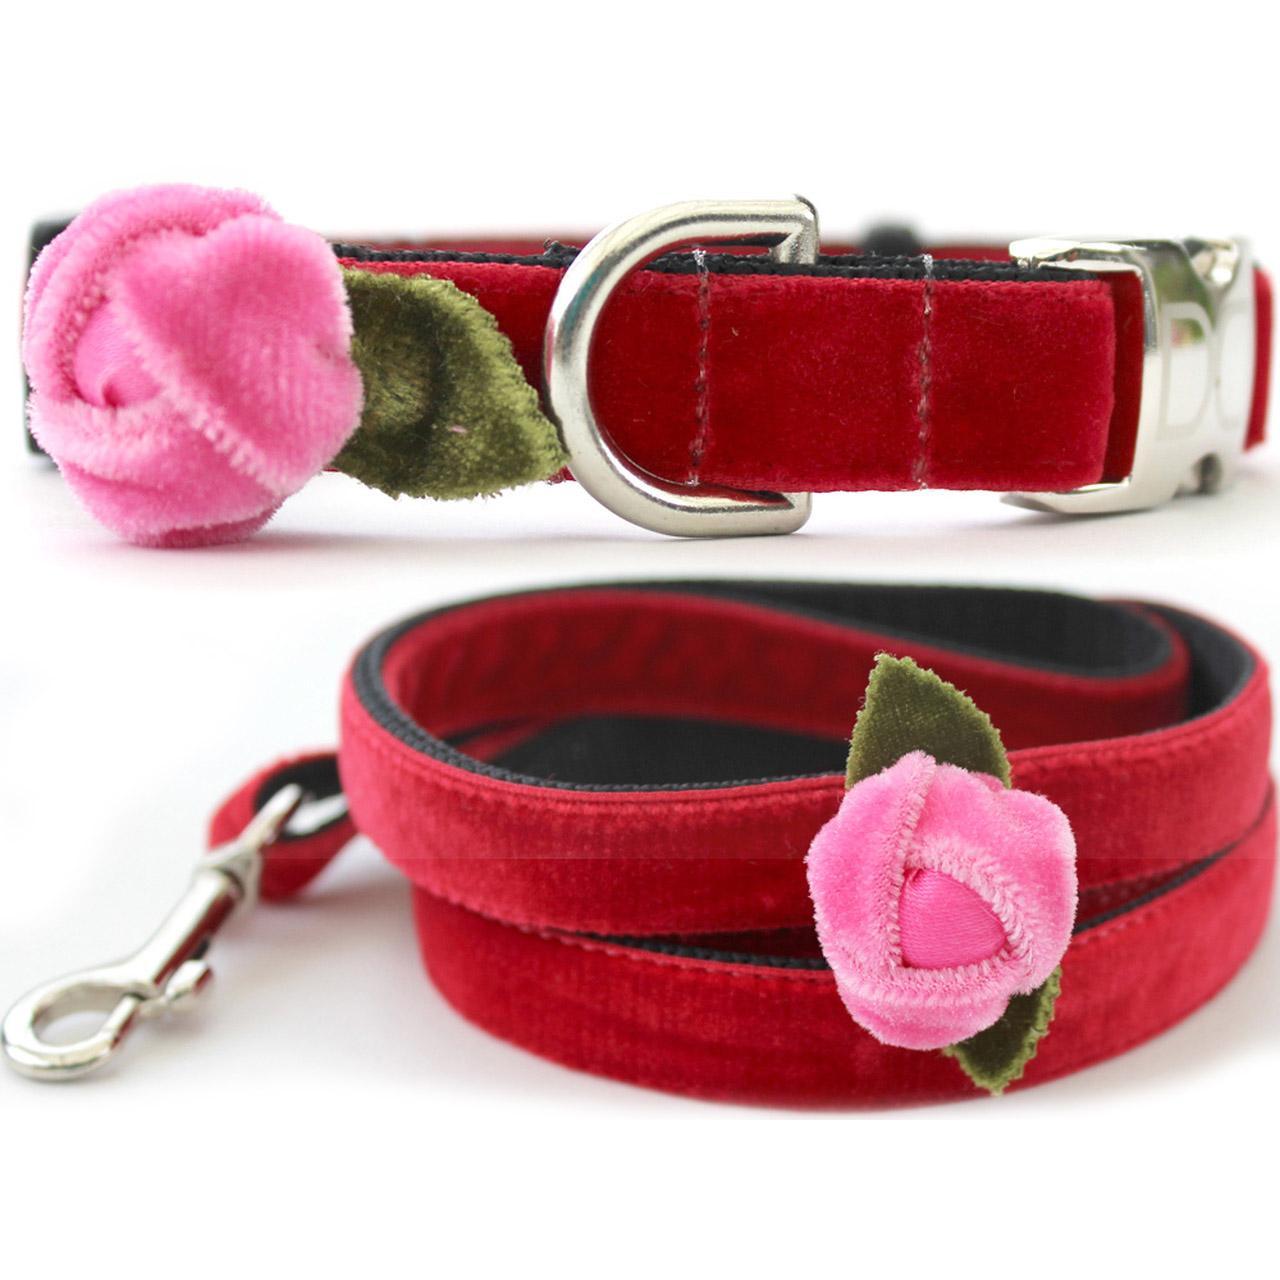 Rosebud Red Velvet Small Dog Collar and Leash Set by Diva Dog